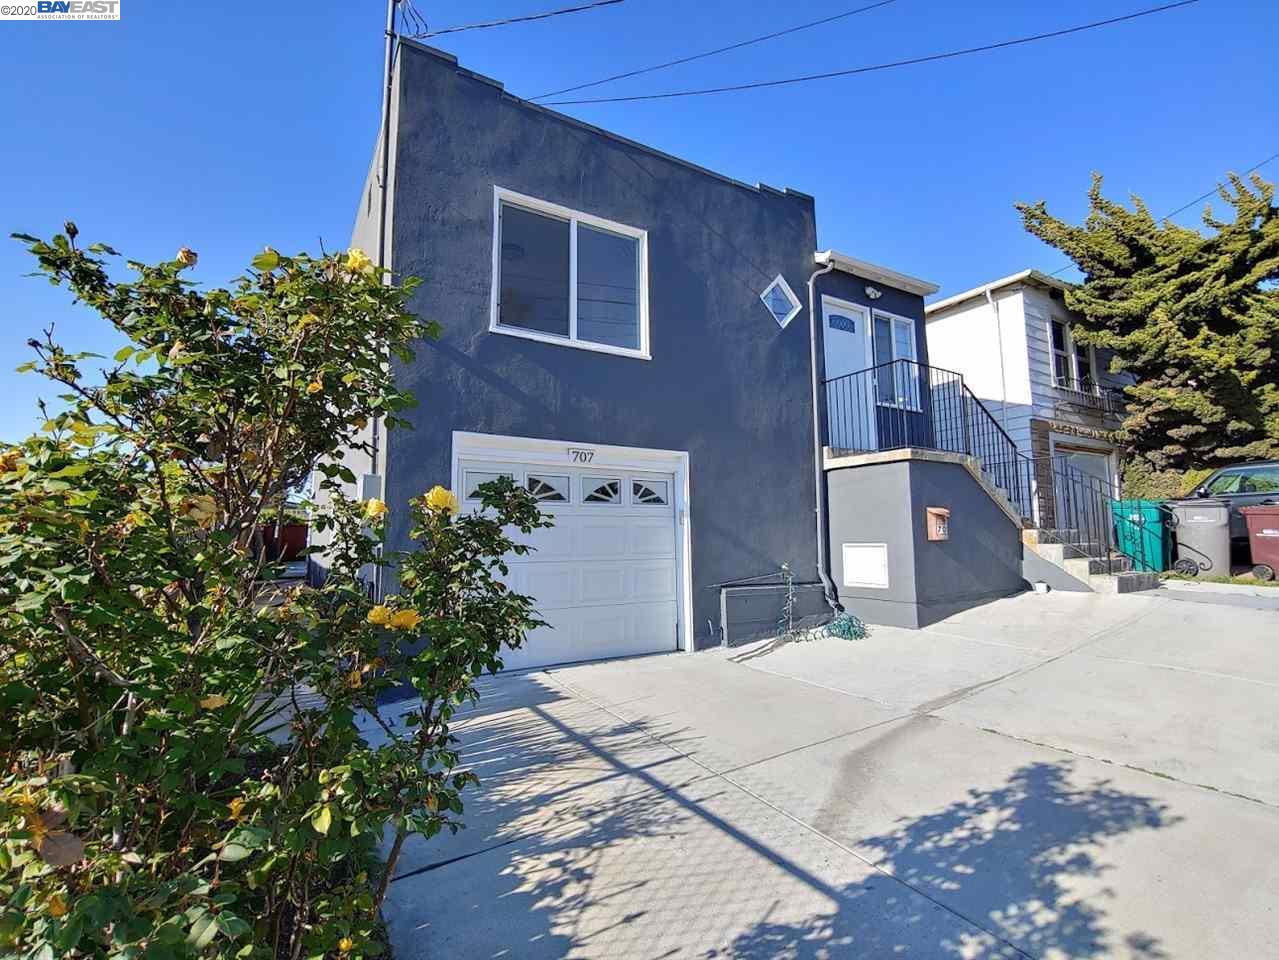 707 Washington Ave Albany, CA 94706